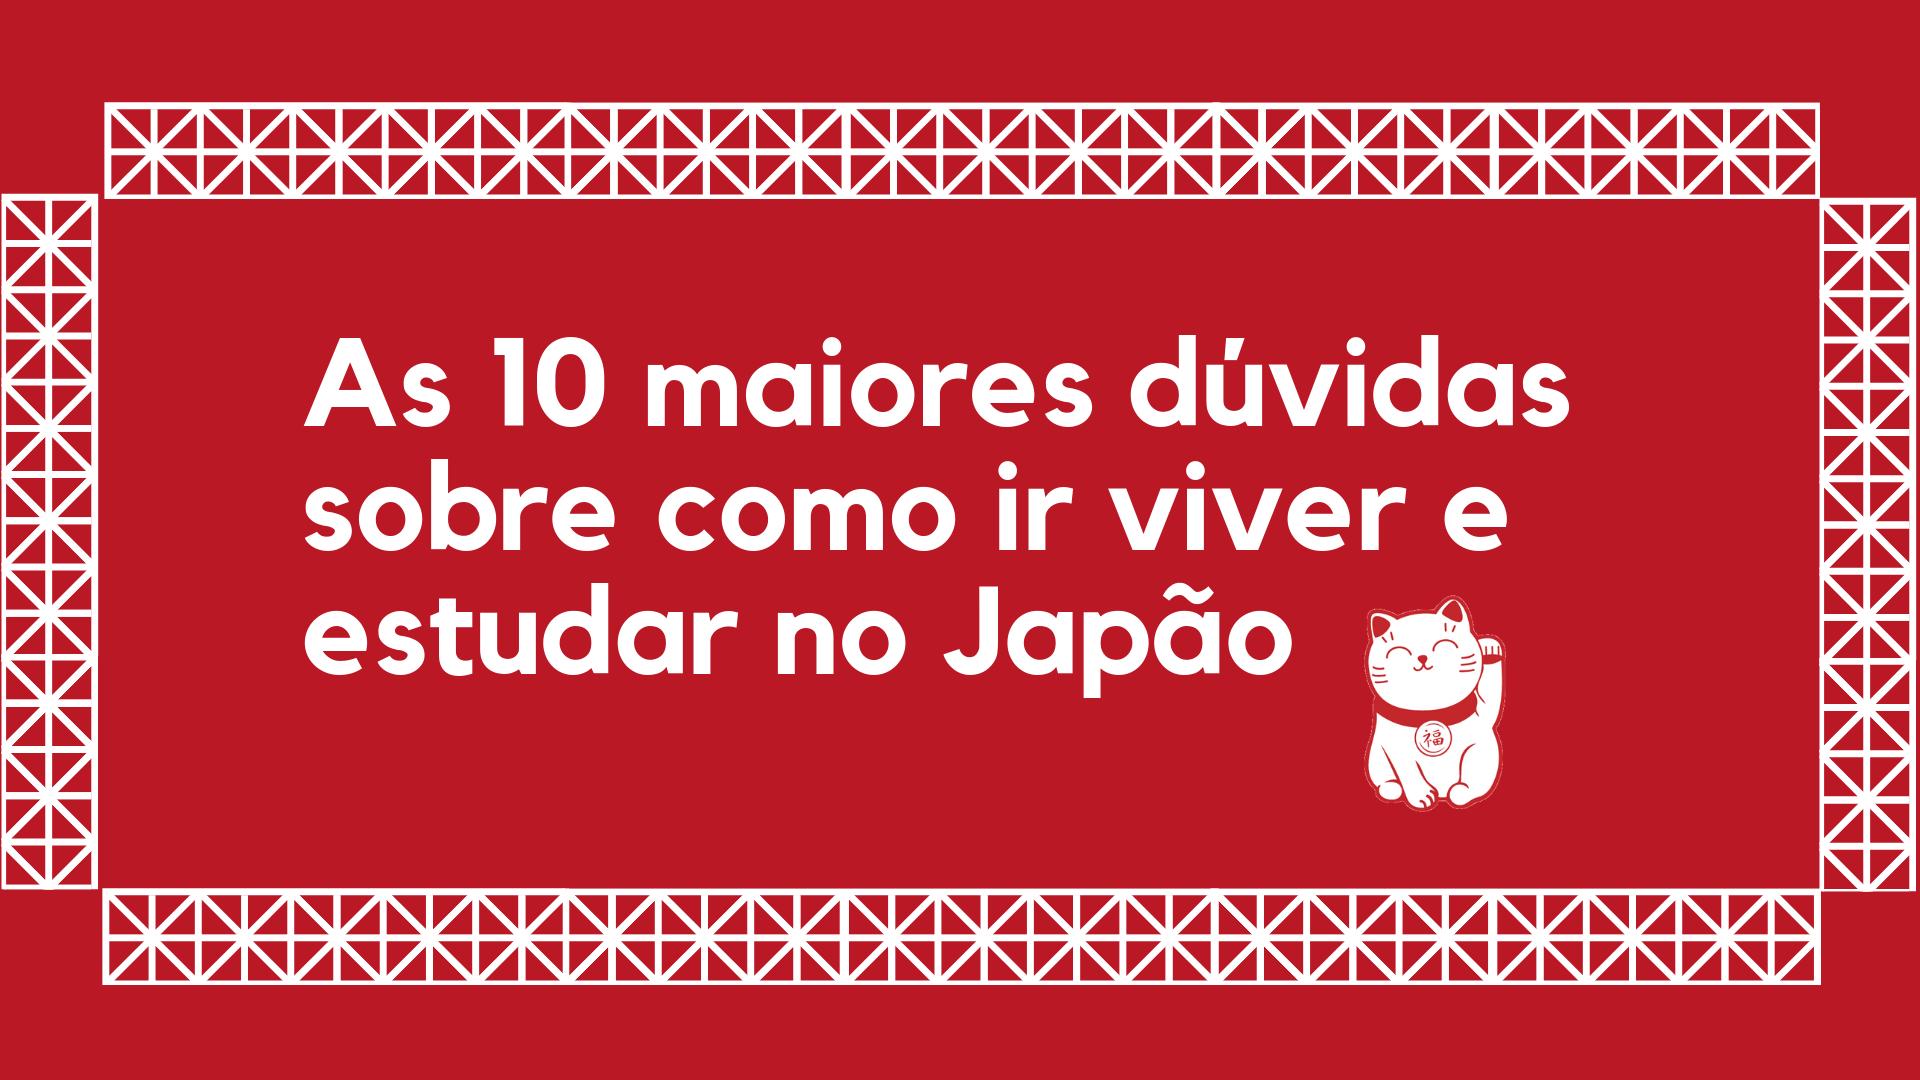 As 10 maiores dúvidas sobre como ir viver e estudar no Japão